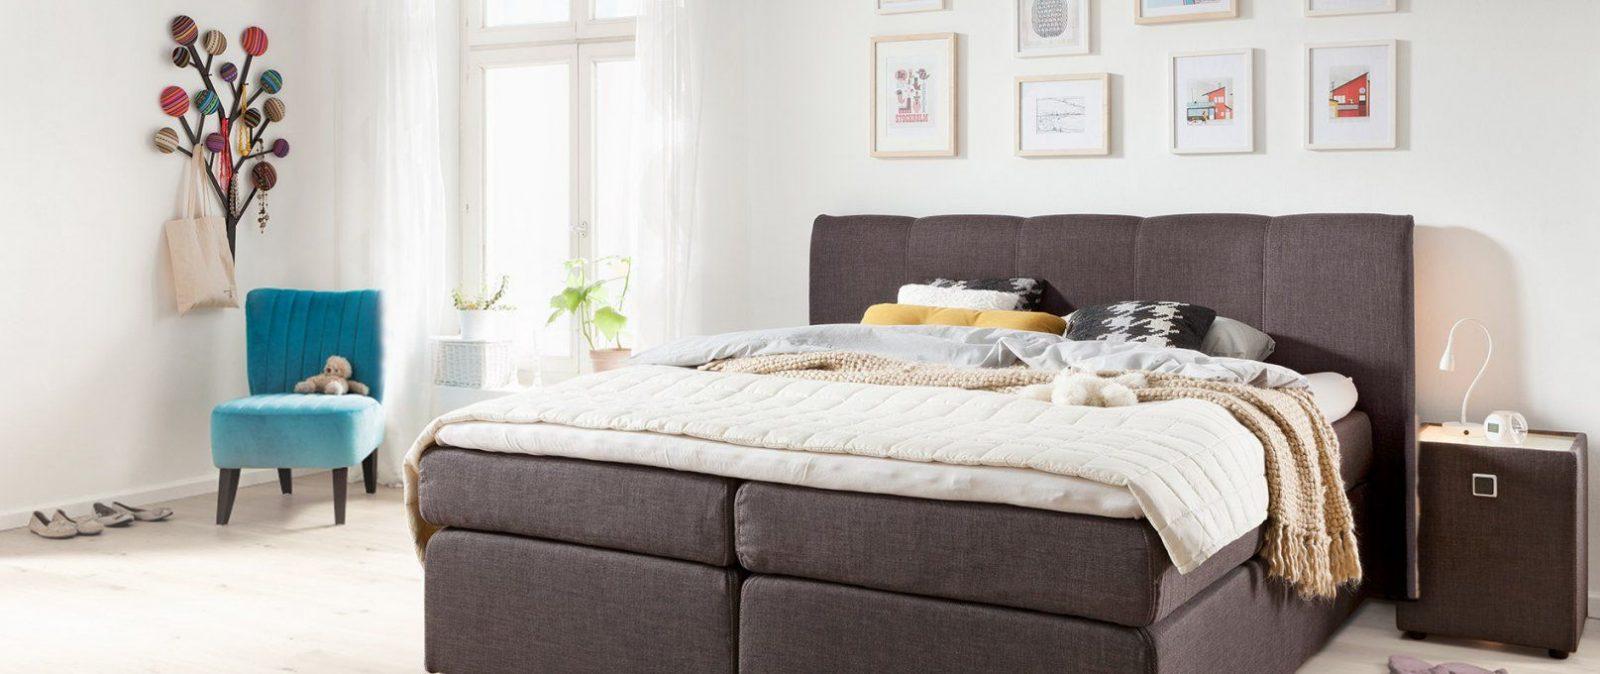 Box Spring Betten von Boxspringbetten Qvc Hersteller Photo